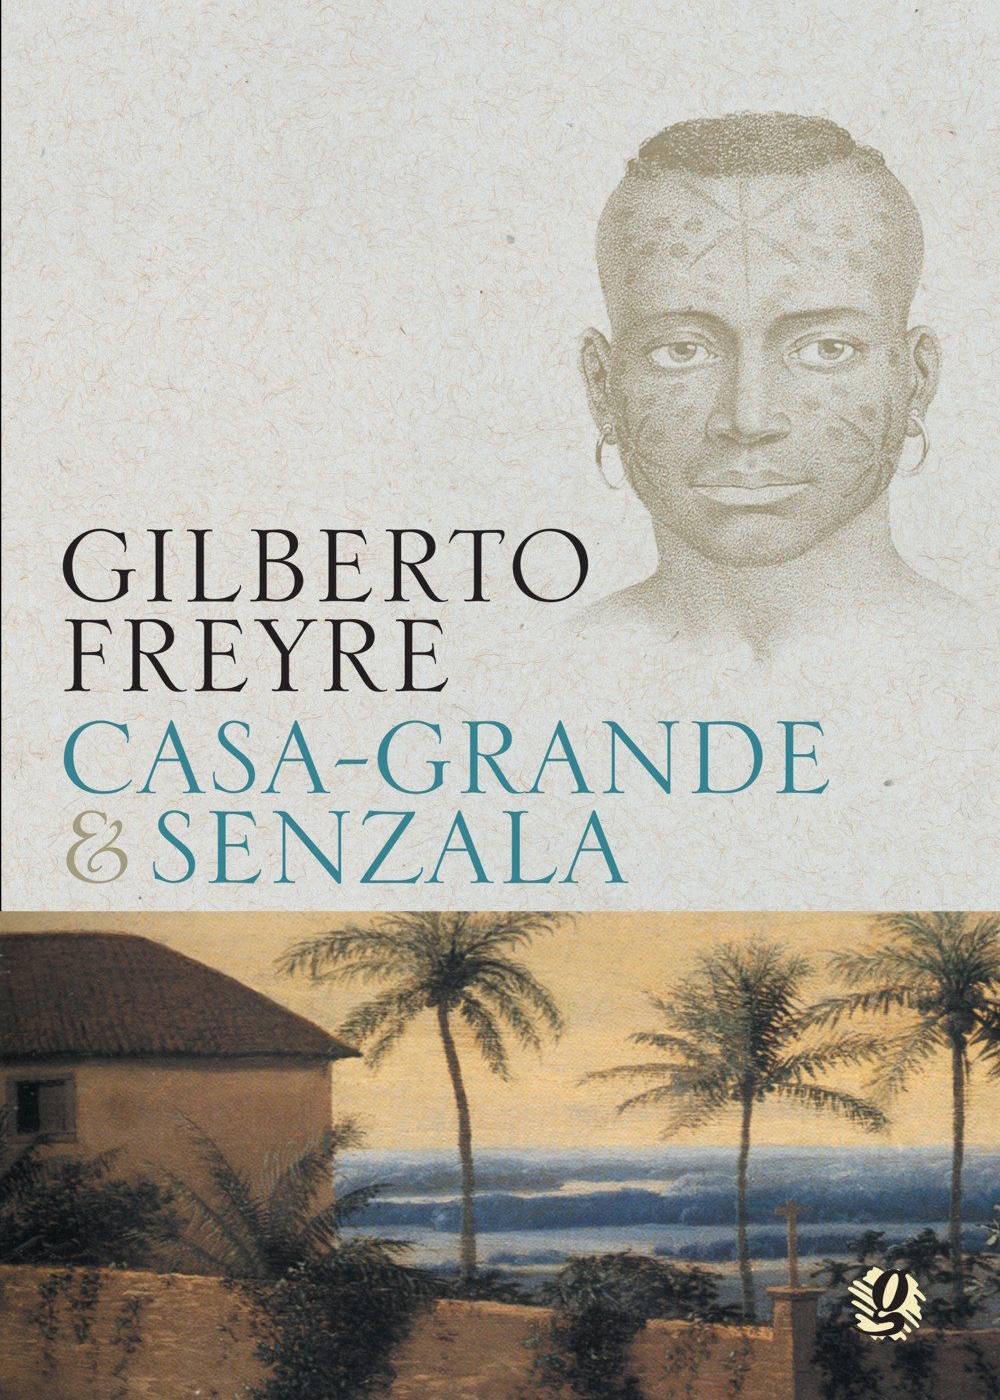 Freyre, Gilberto - Casa-Grande e Senzala.jpg